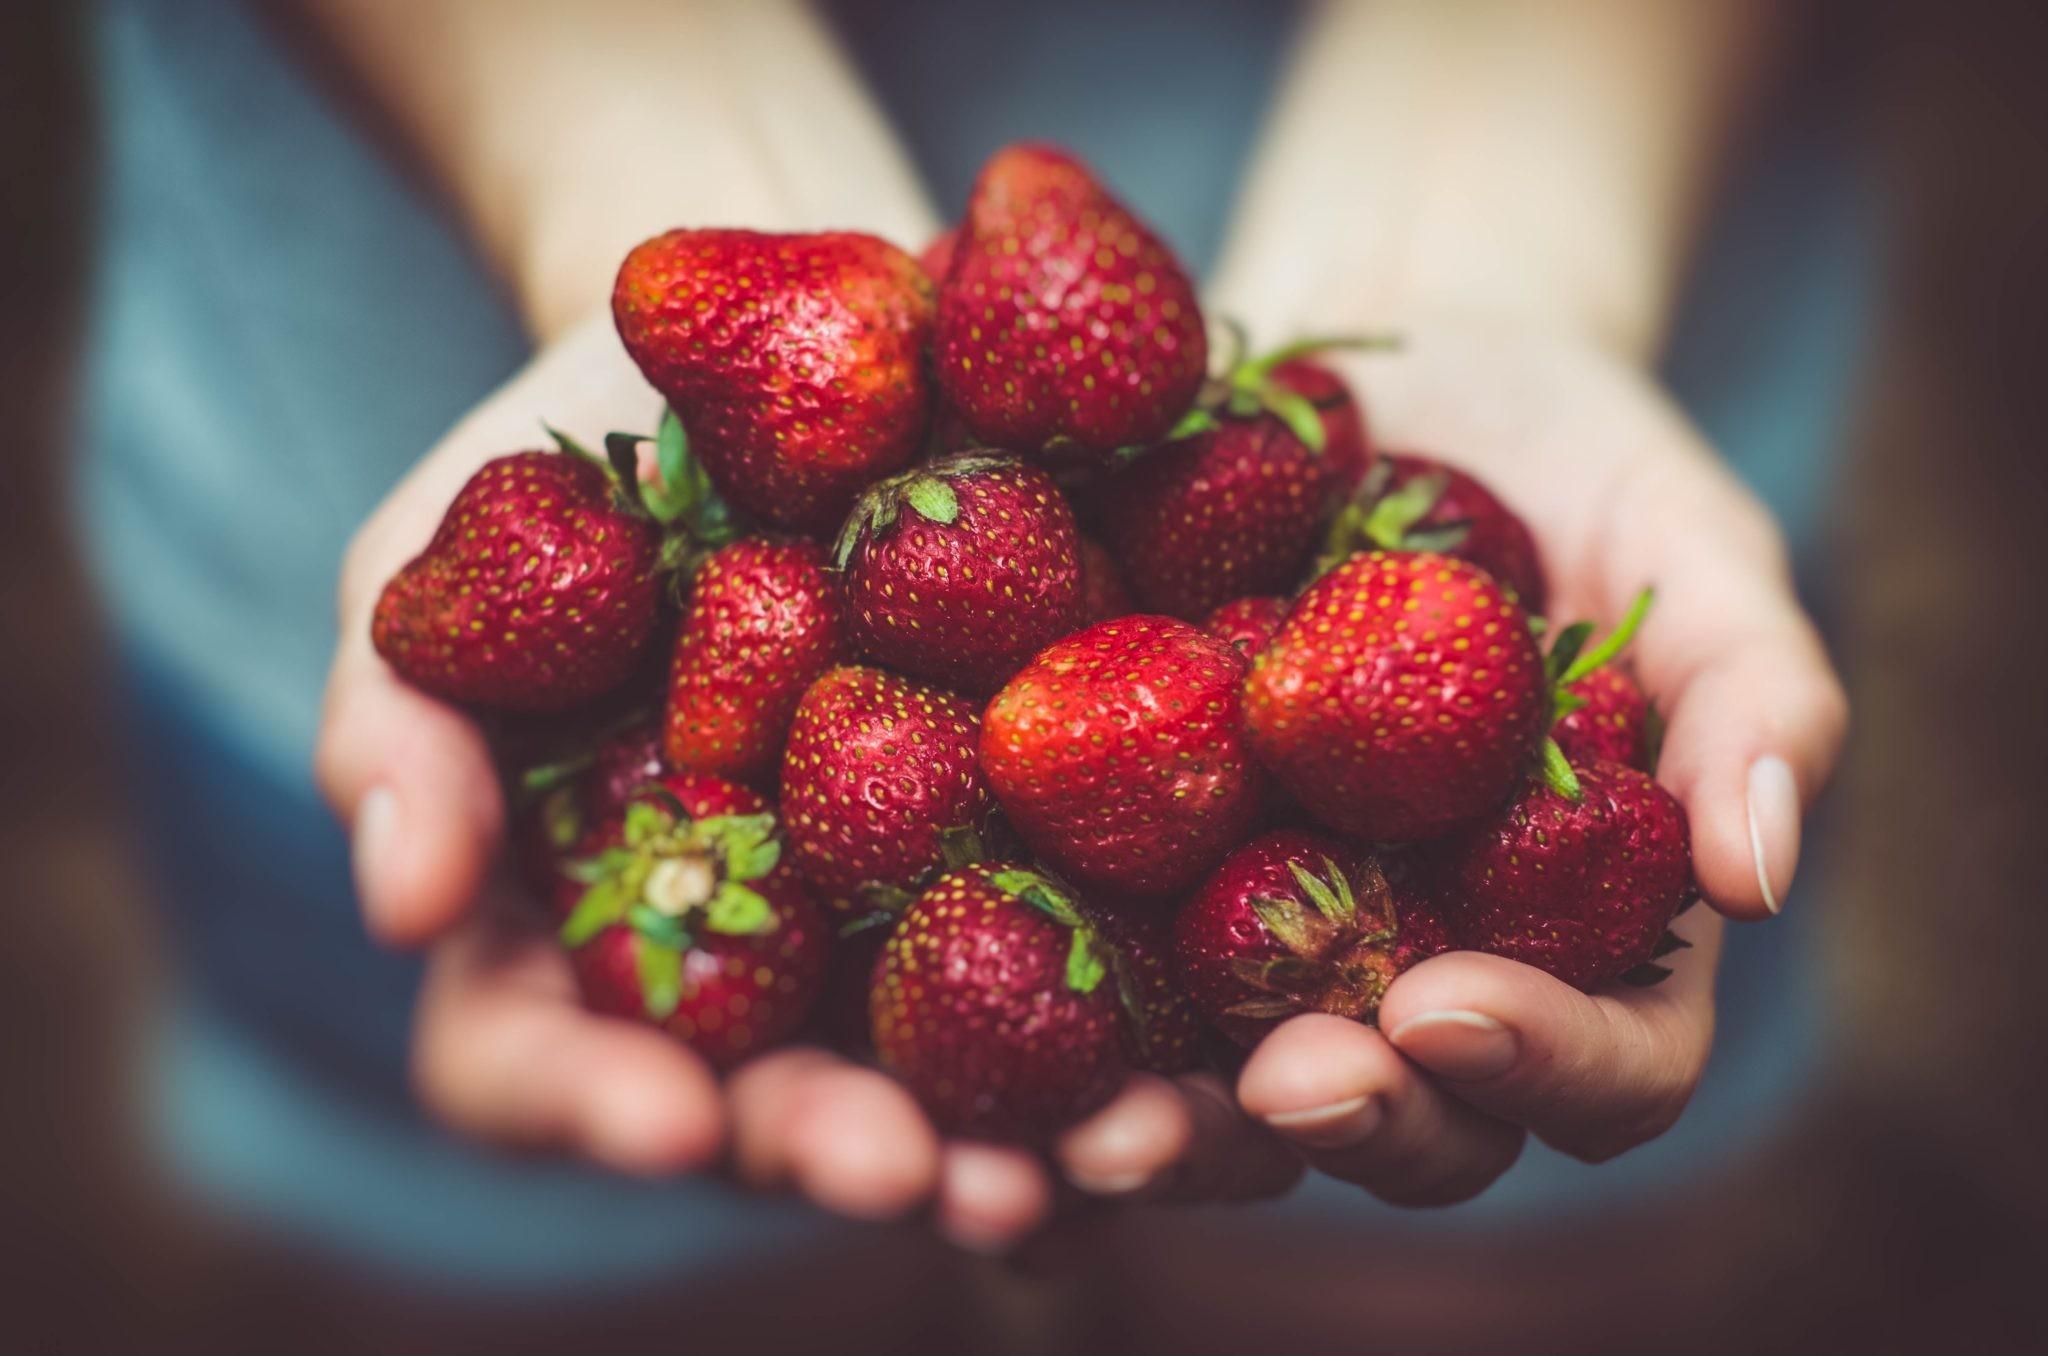 Живая еда: как она влияет на наш организм?